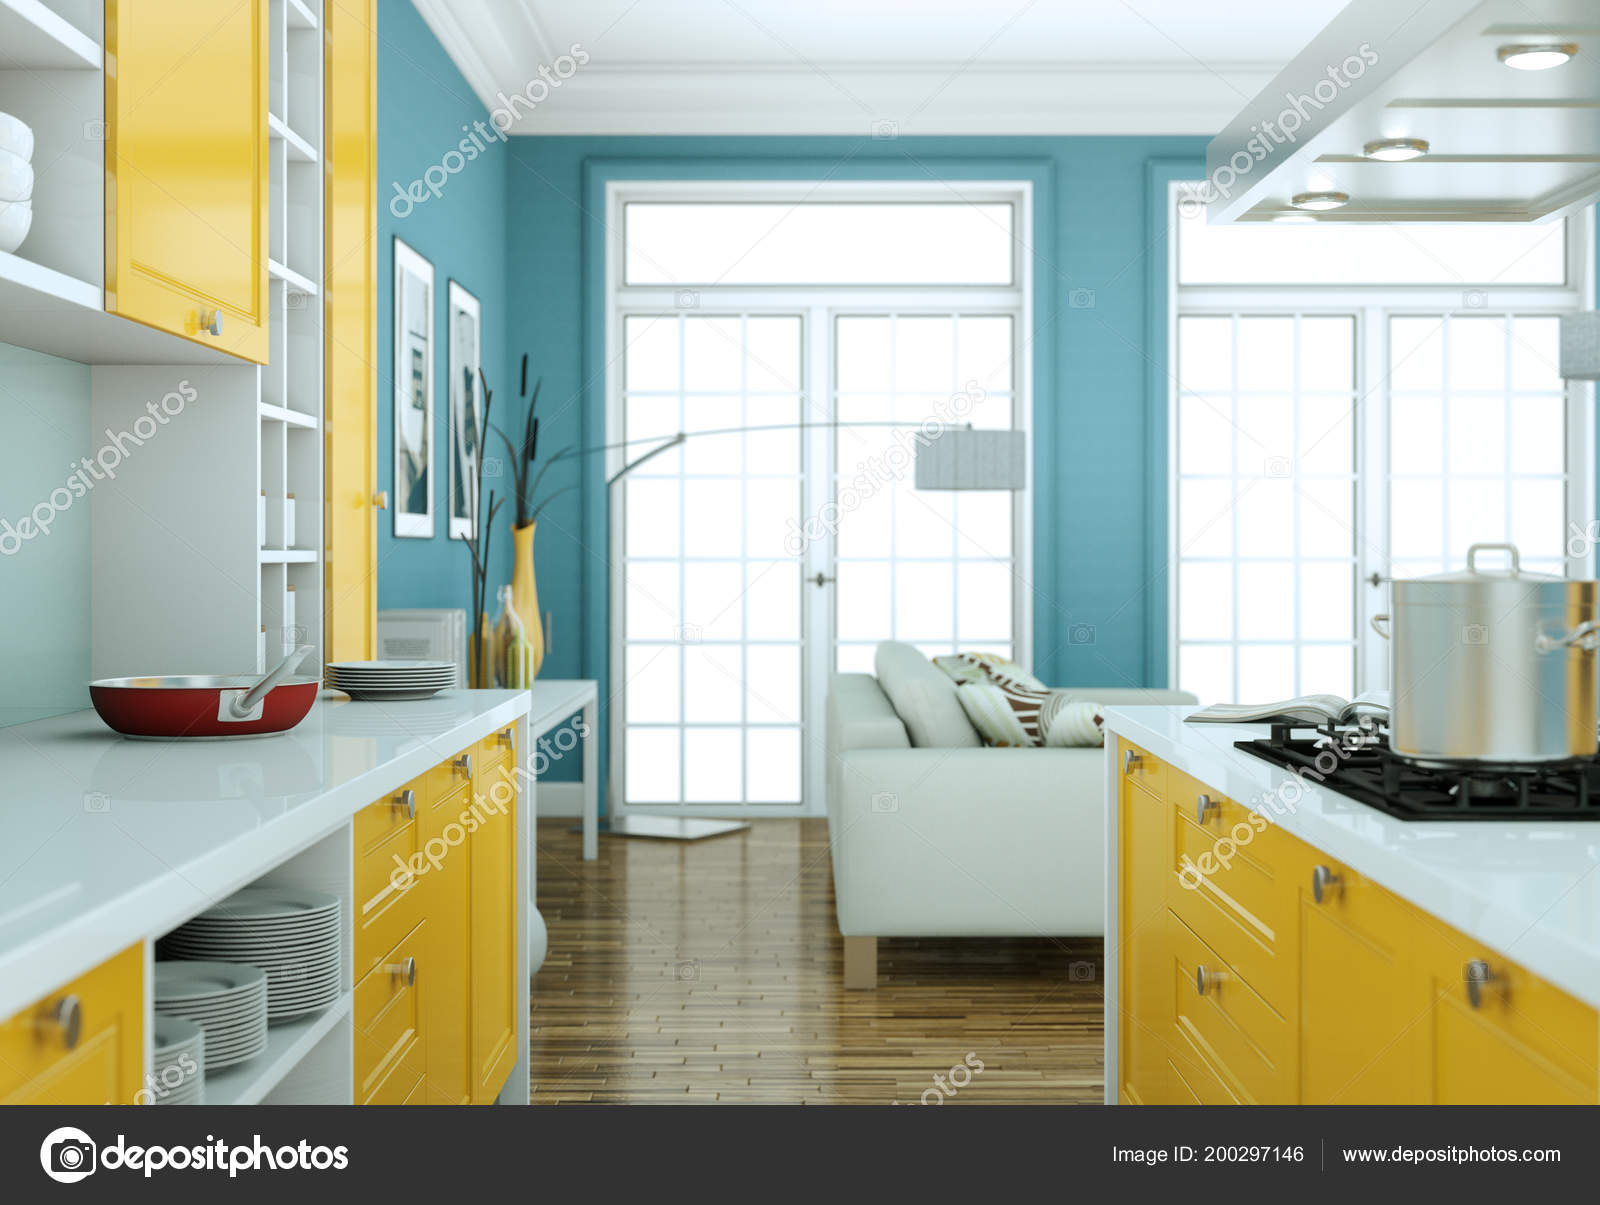 Moderne Gelbe Küche Interieur Design-Darstellung — Stockfoto ...